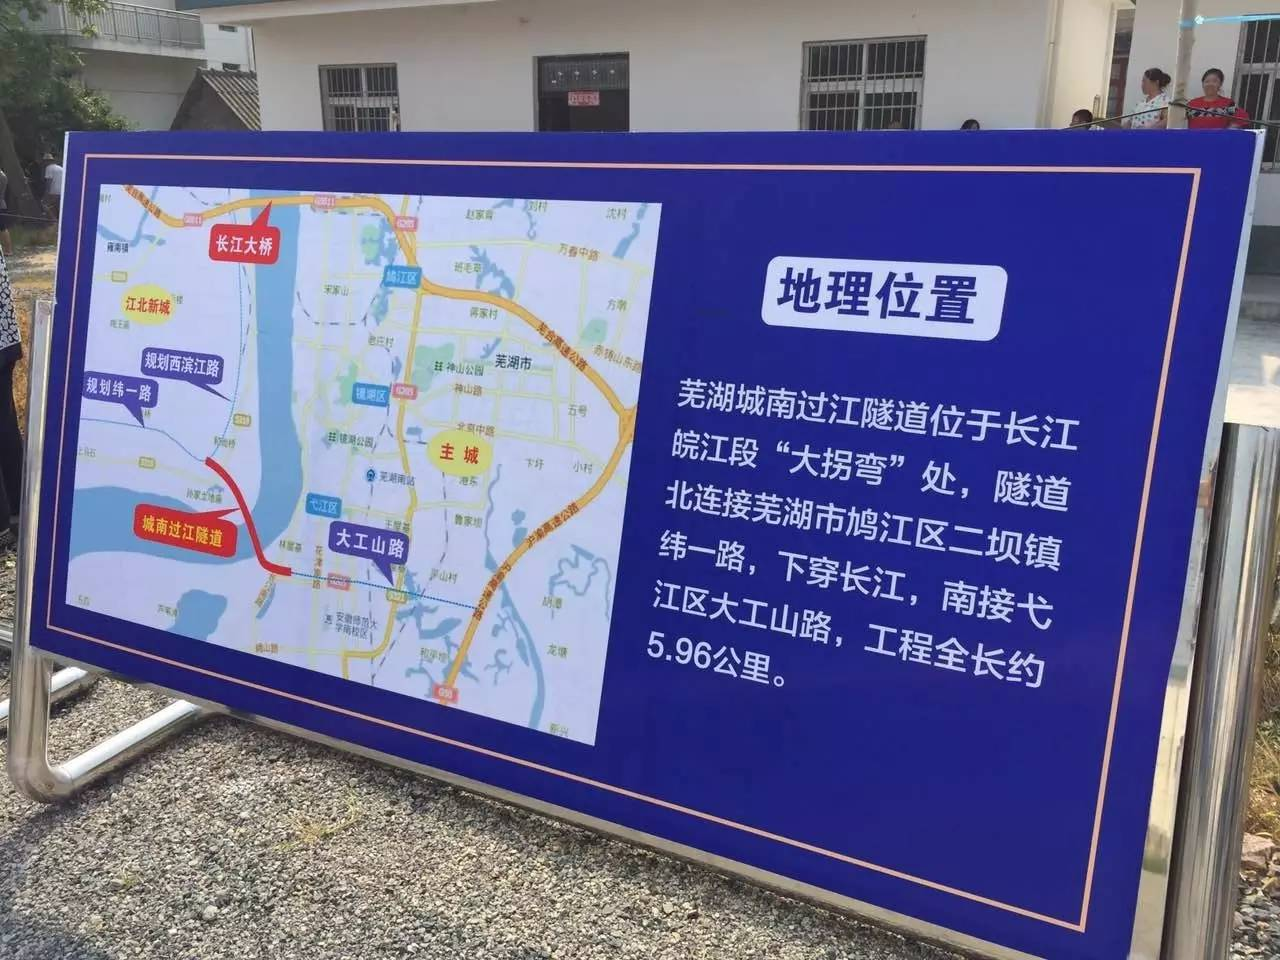 《加拿大时时彩娱乐》芜湖城南过江隧道今日开工!以后到无为只要4分